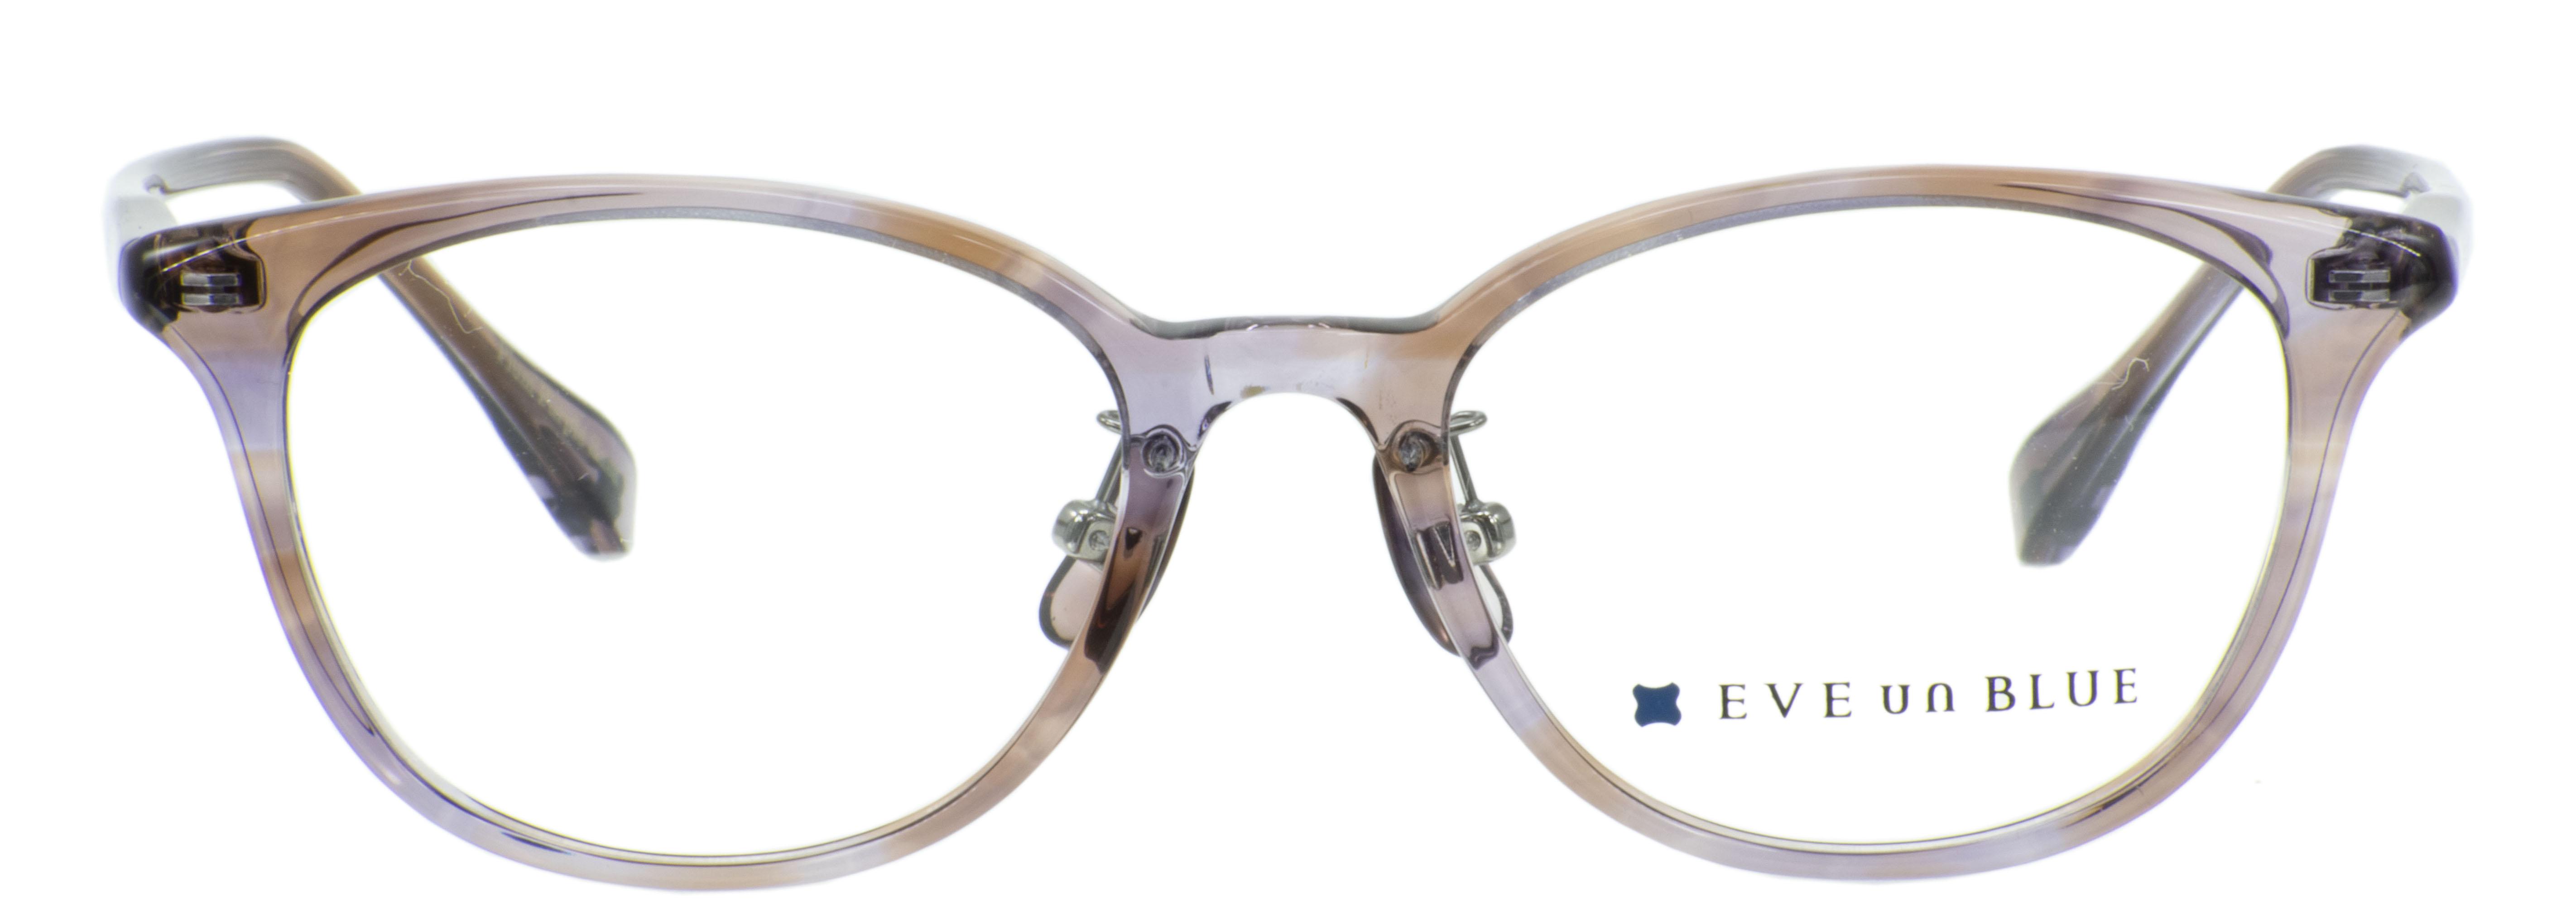 EVE un BLUE PEONY PPS 49Plum Purple Ss ¥29,000 001